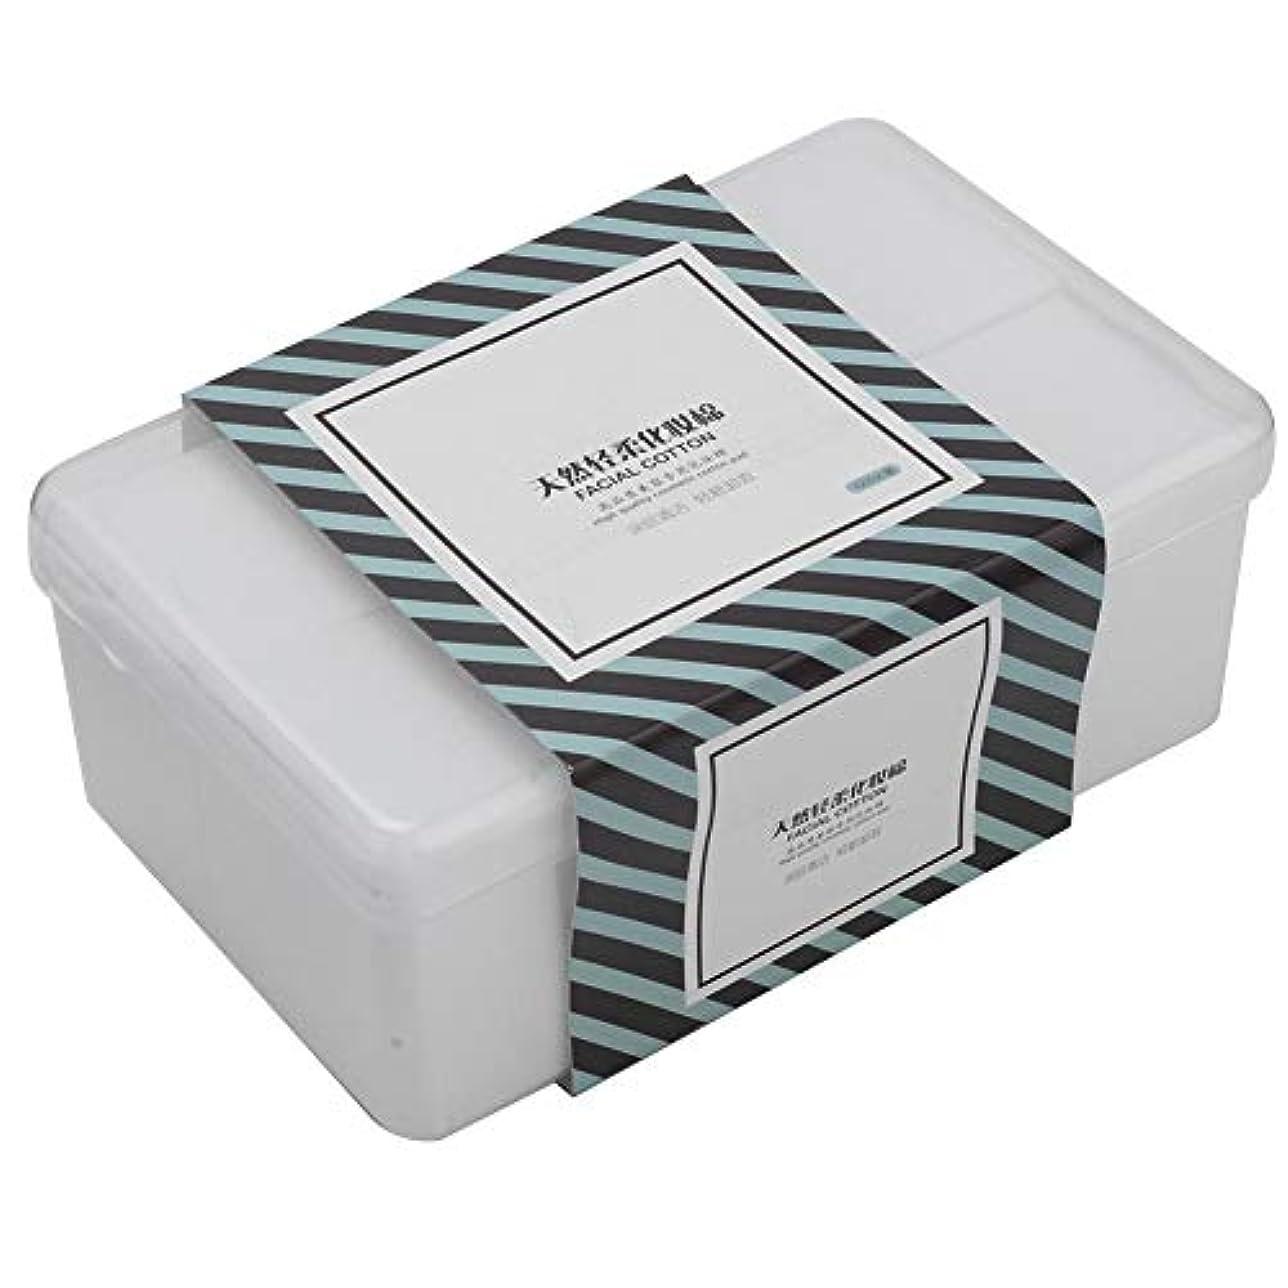 排気鼻強風1000枚 /箱の構造の綿パッドの化粧品は清潔になりますスキンケアを拭きます